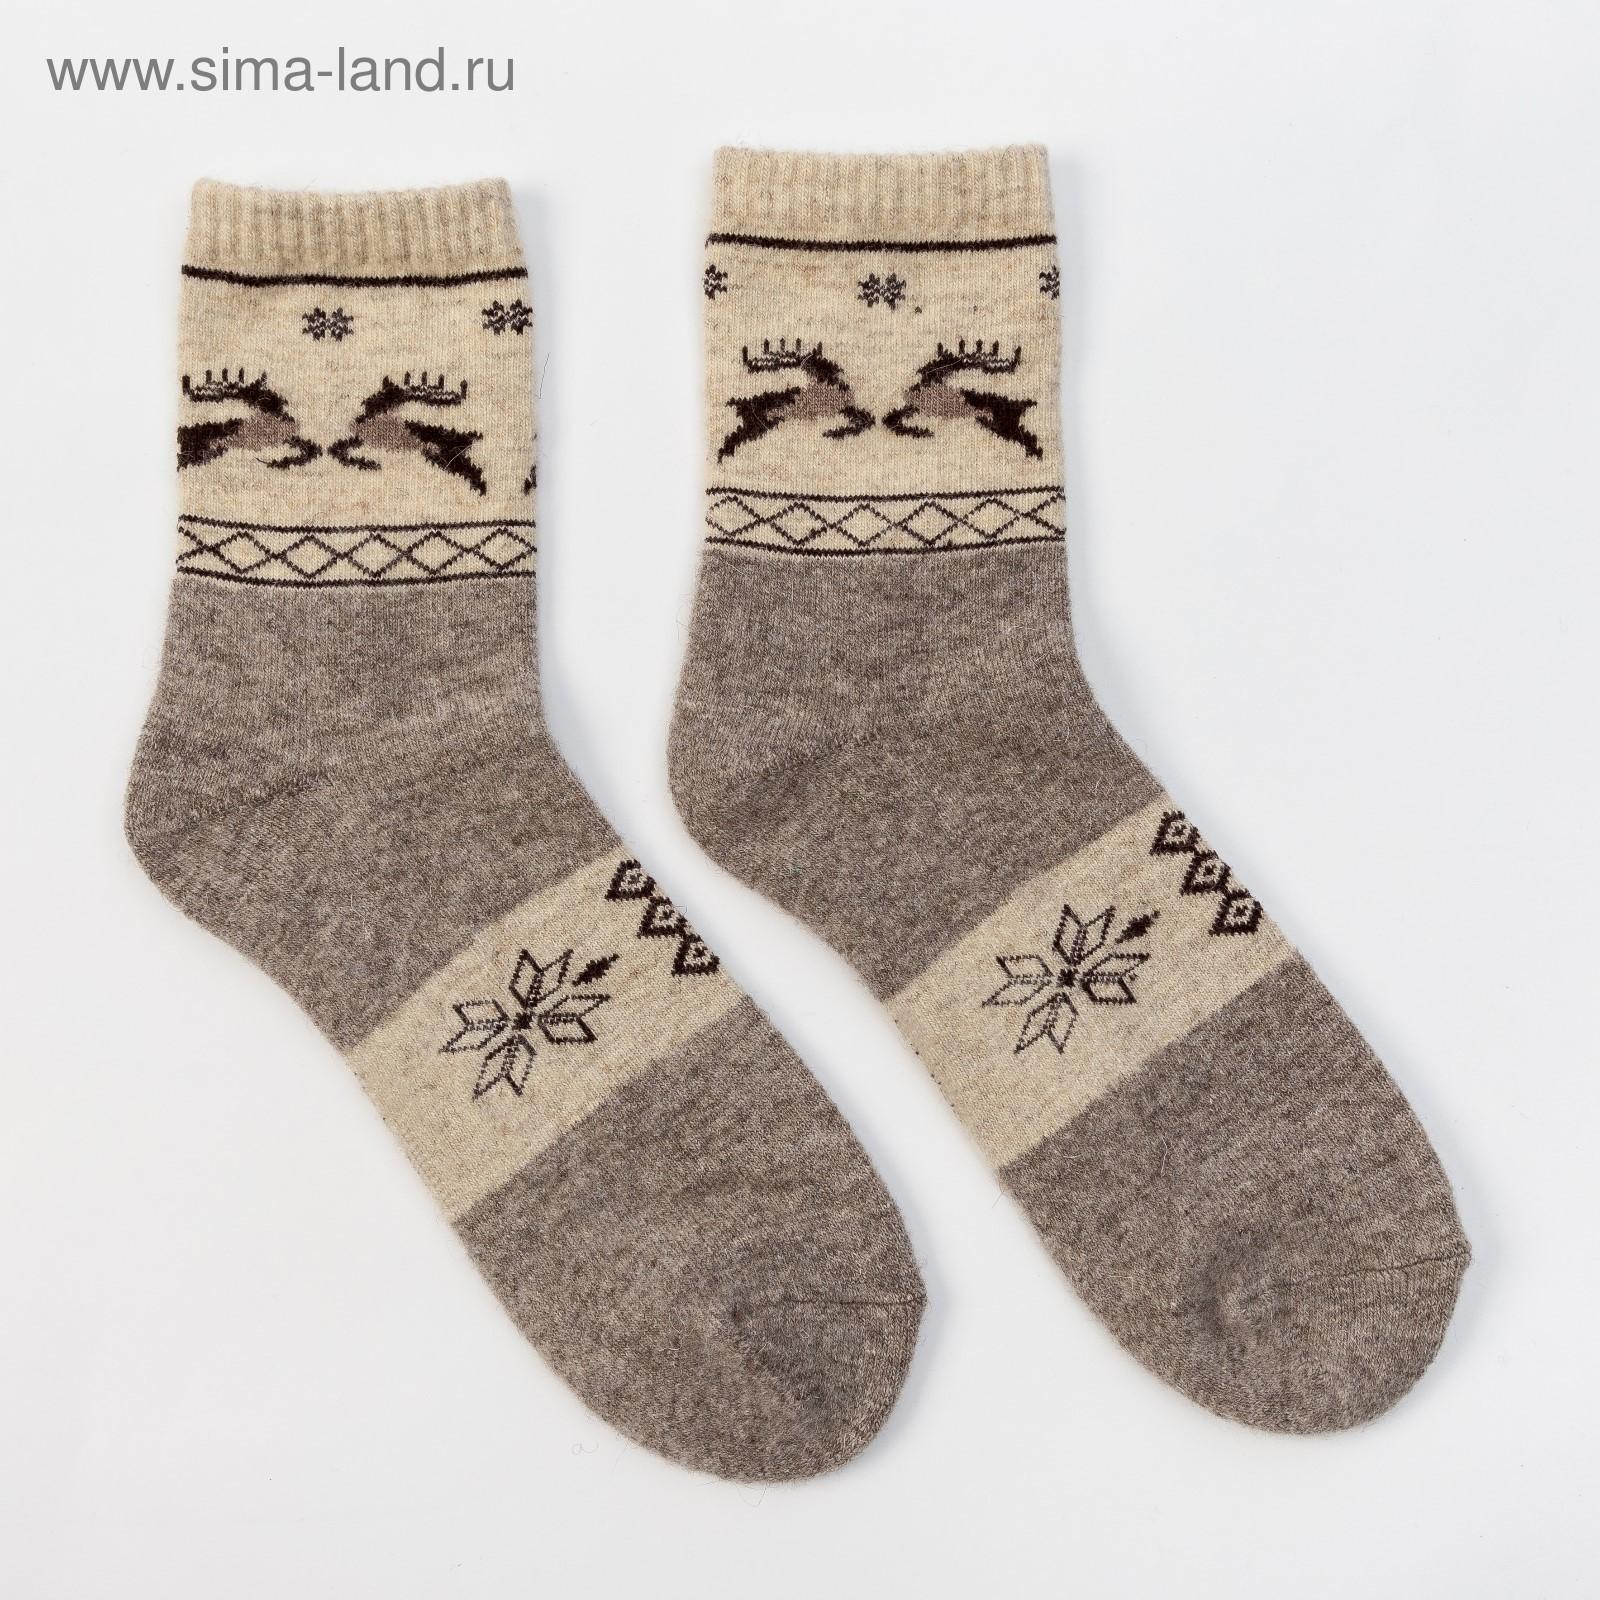 ba7dc588f1996 Носки новогодние мужские шерстяные Organic снежинки и олени, цвет серый,  размер 27 (40